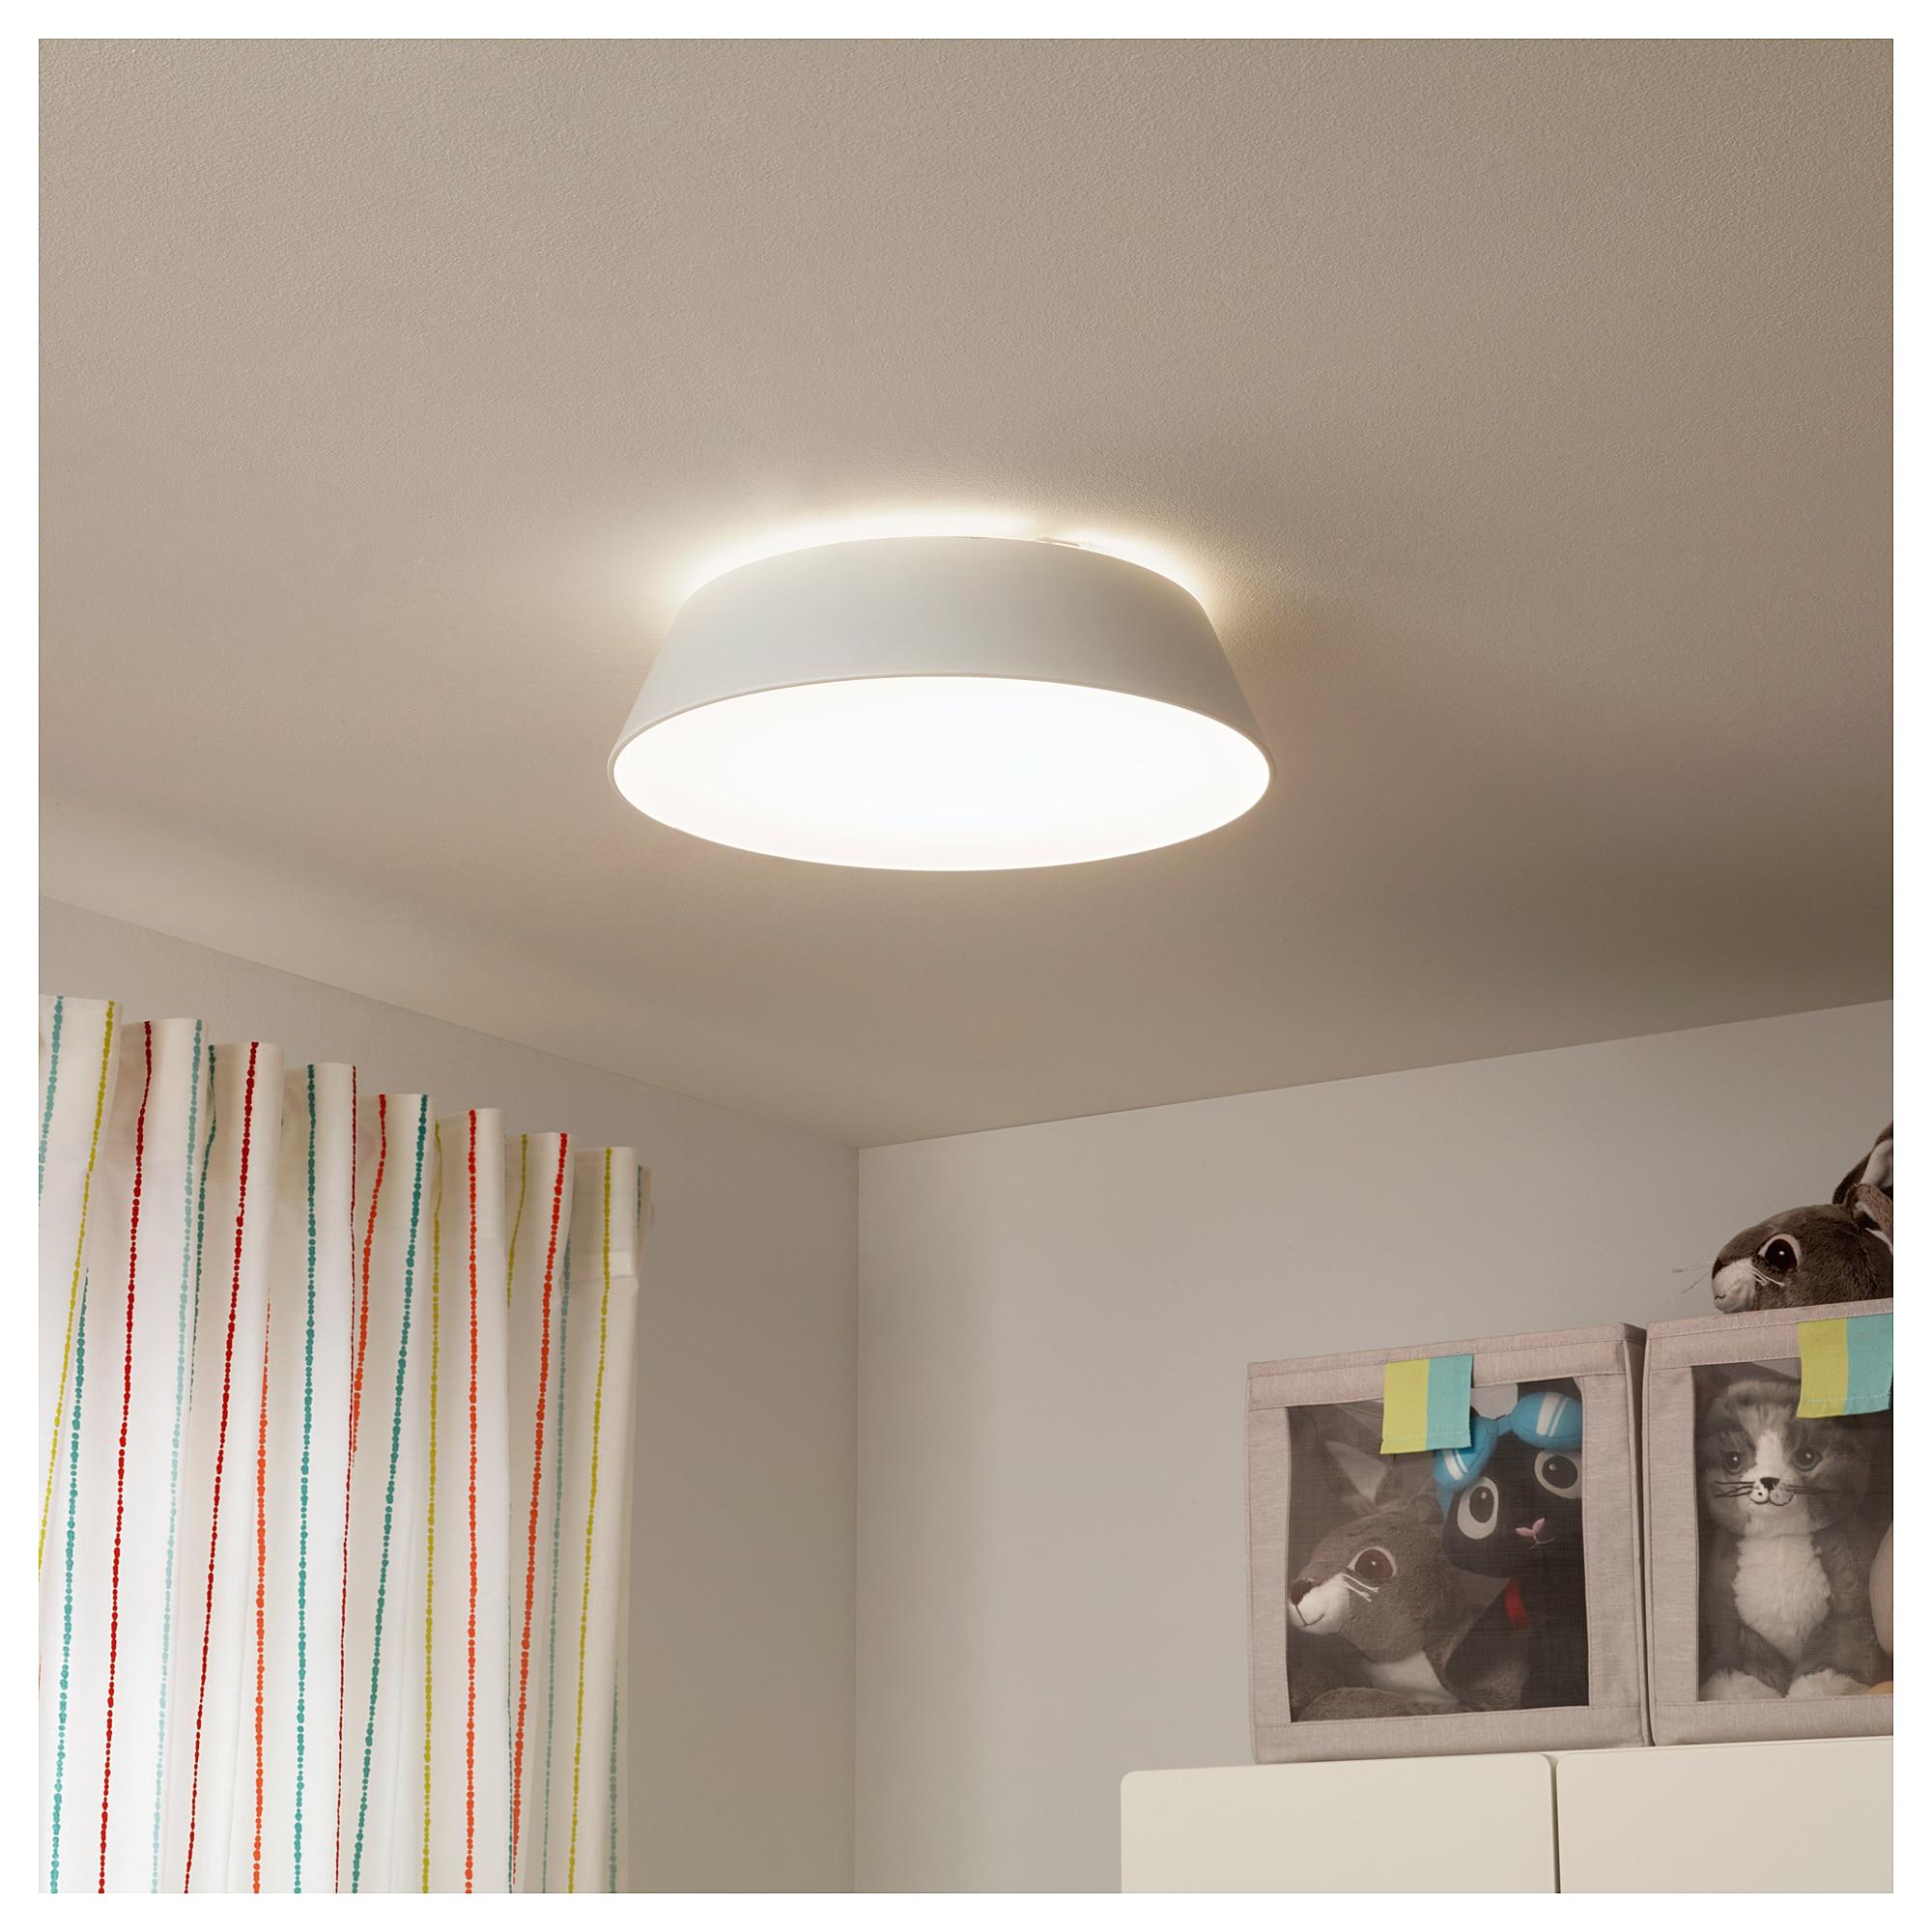 Full Size of Wohnzimmer Lampe Ikea Fubbla Stropn Lampa Led Bl Deckenlampe Tischlampe Stehlampe Schlafzimmer Tapete Lampen Esstisch Deckenleuchten Gardinen Heizkörper Wohnzimmer Wohnzimmer Lampe Ikea